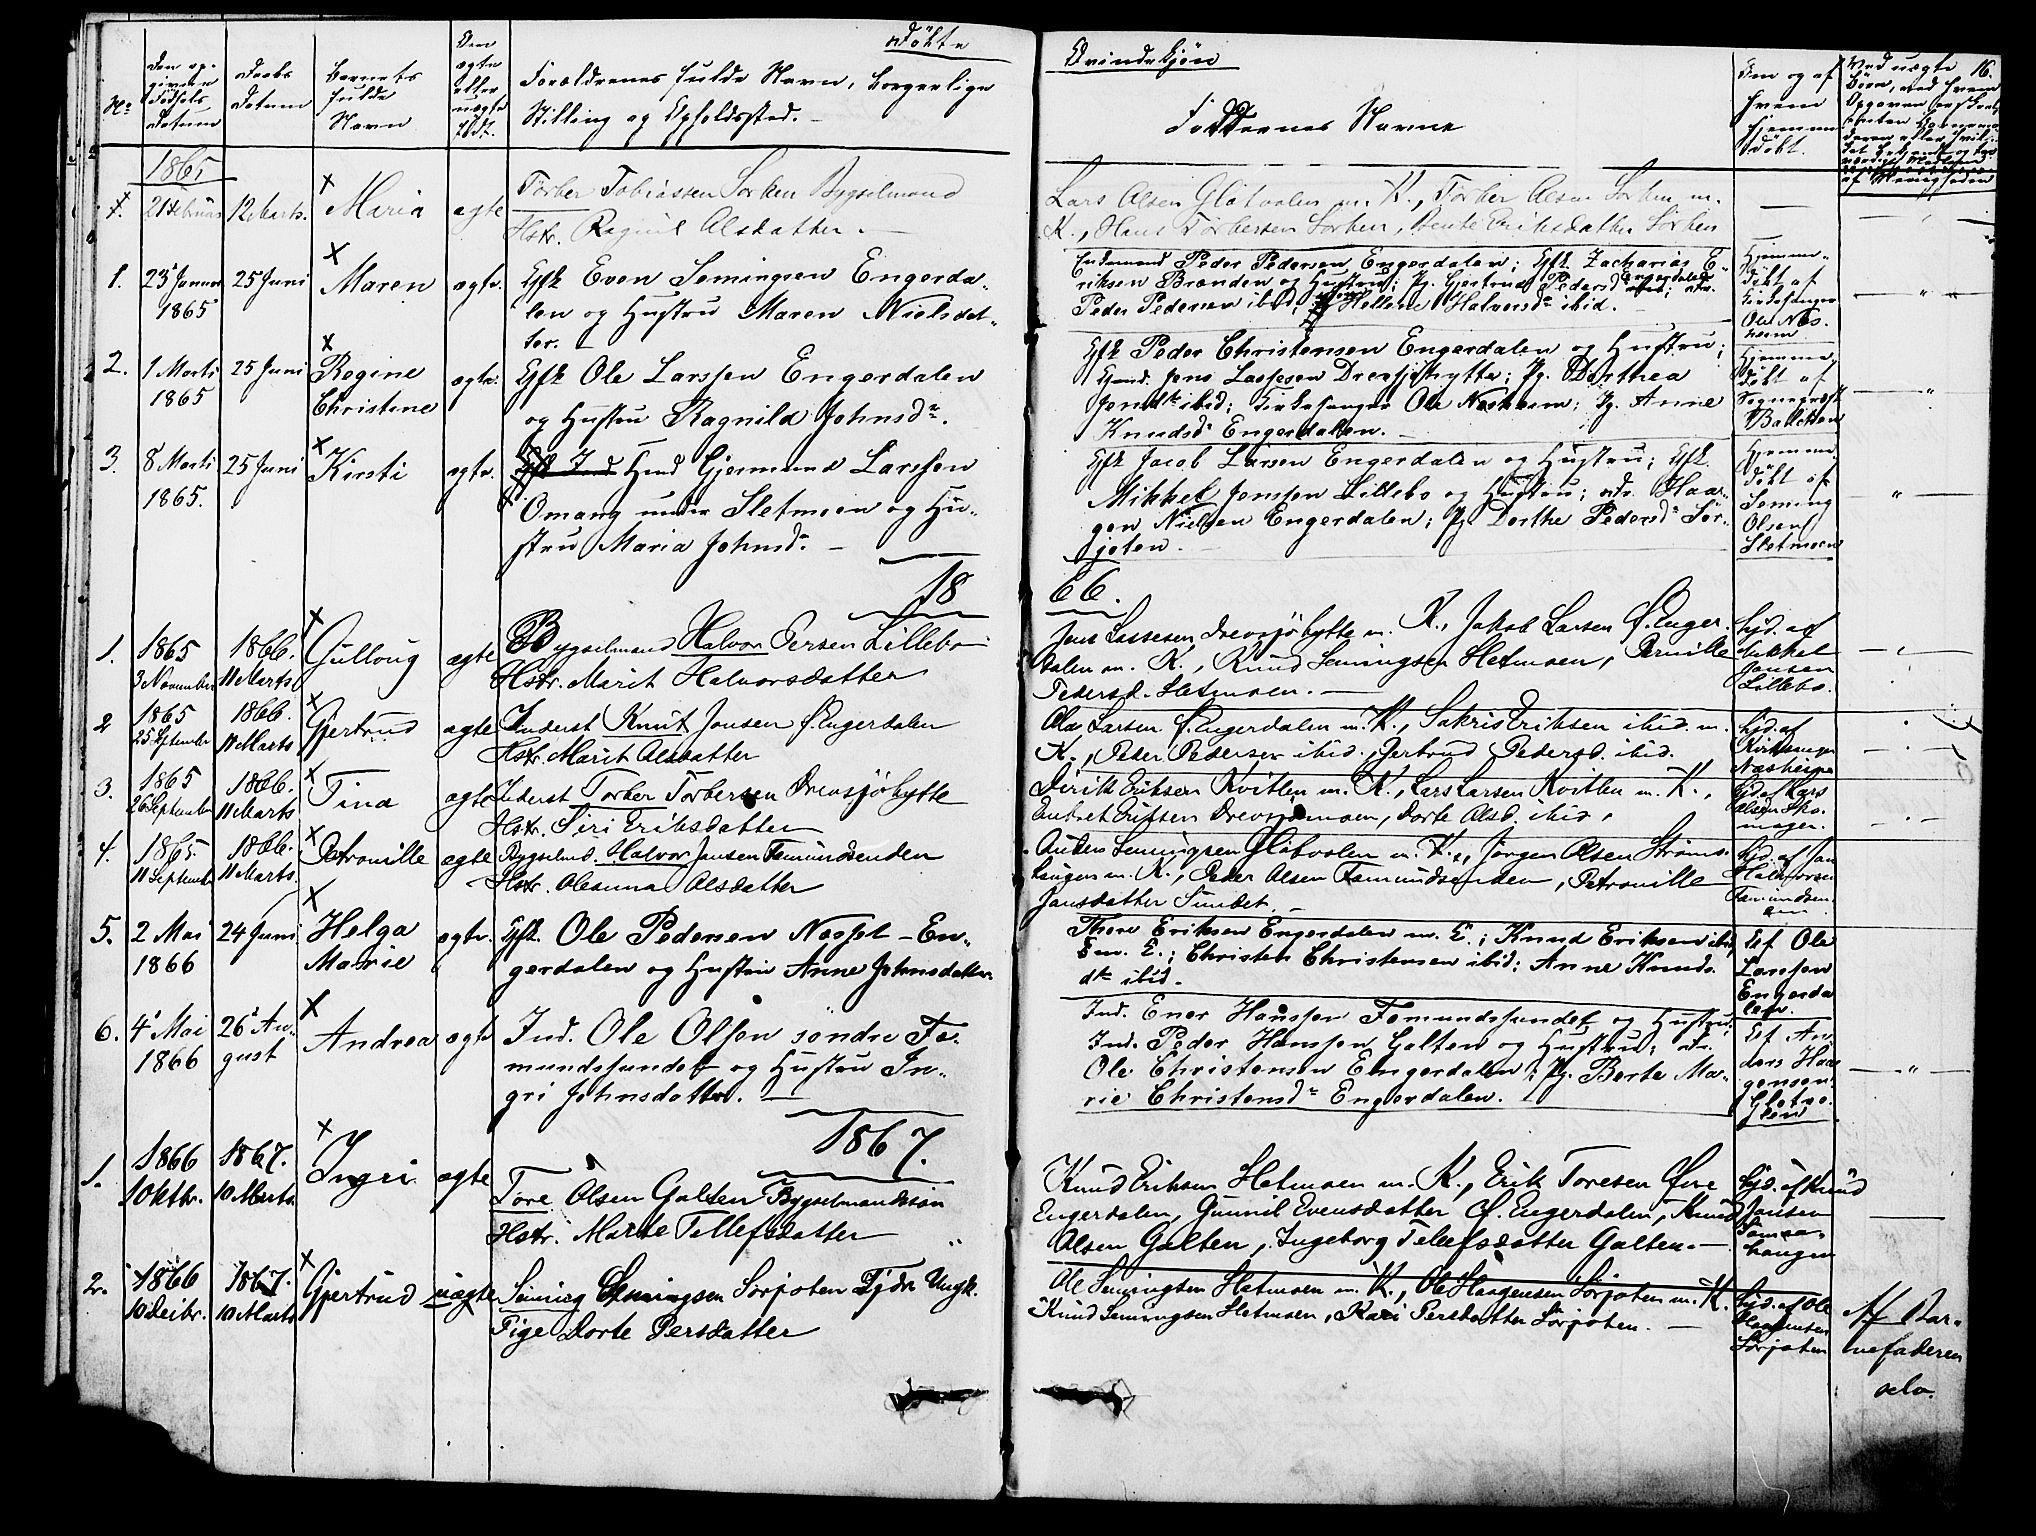 SAH, Rendalen prestekontor, H/Ha/Hab/L0002: Klokkerbok nr. 2, 1858-1880, s. 16